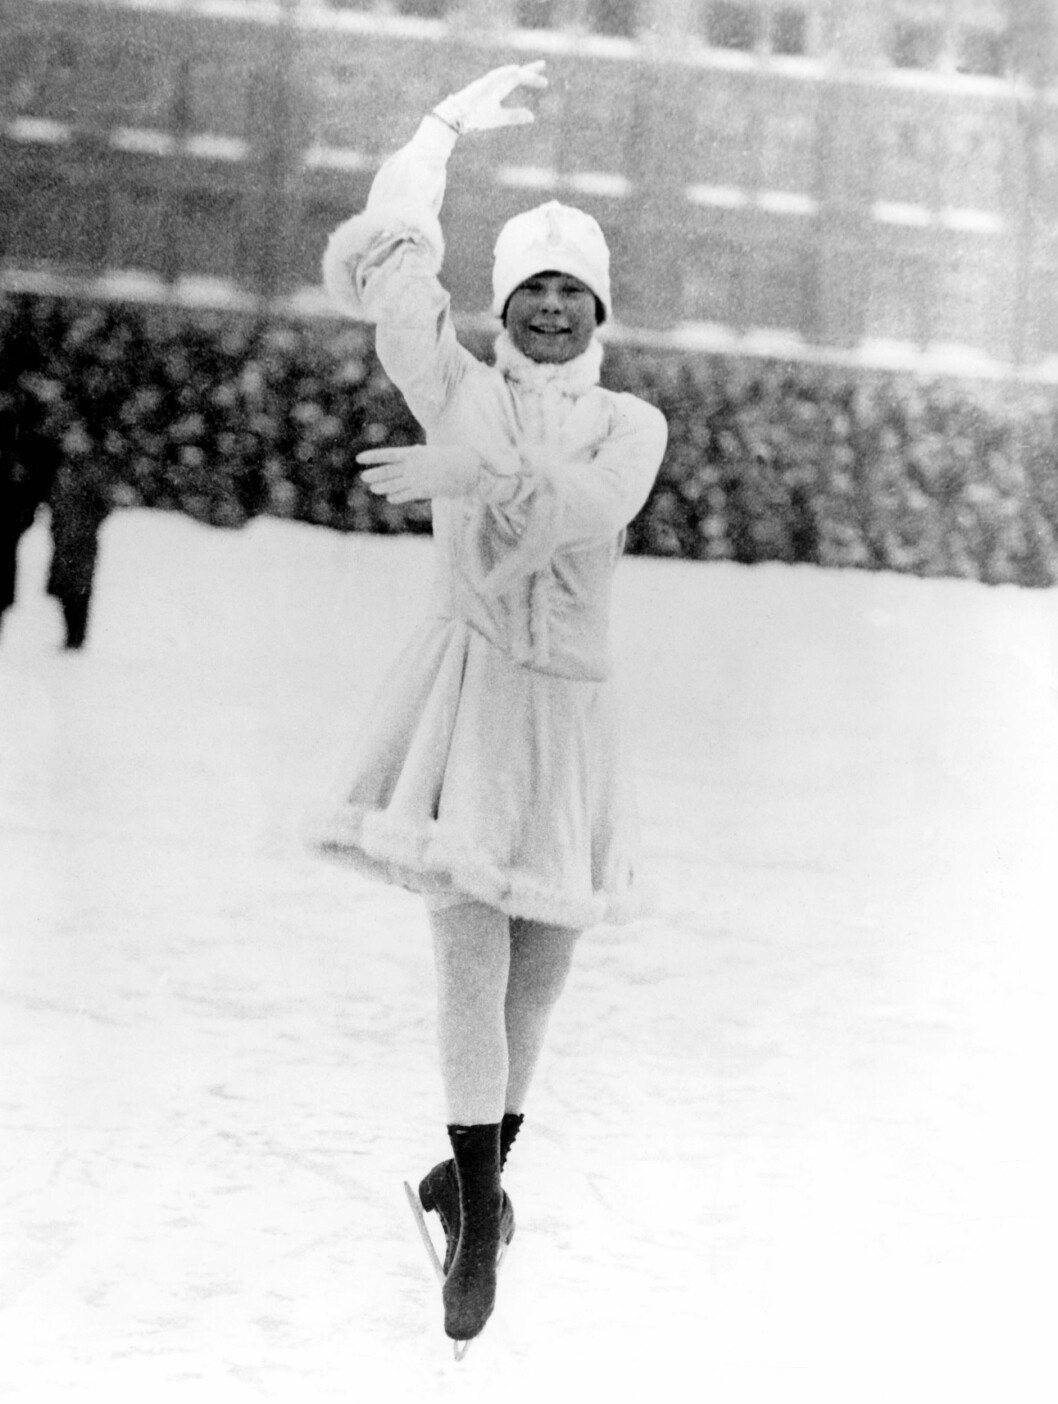 <strong>GJENNOMBRUDDET:</strong> Sonja debuterte 11 år gammel med OL-deltakelse i 1924, der hun endte sist. På hjemmebane i Oslo tok Sonja, nå 14 år gammel, sitt aller første VM-gull i 1927. Og det skulle bli flere; til sammen 10 verdensmesterskap på rad fra 1927-36 og seks europamesterskap mellom 1931-36, i tillegg til de 3 OL-gullene. Dette gjør henne til historiens mestvinnende kvinnelige kunstløper. Foto: NTB scanpix